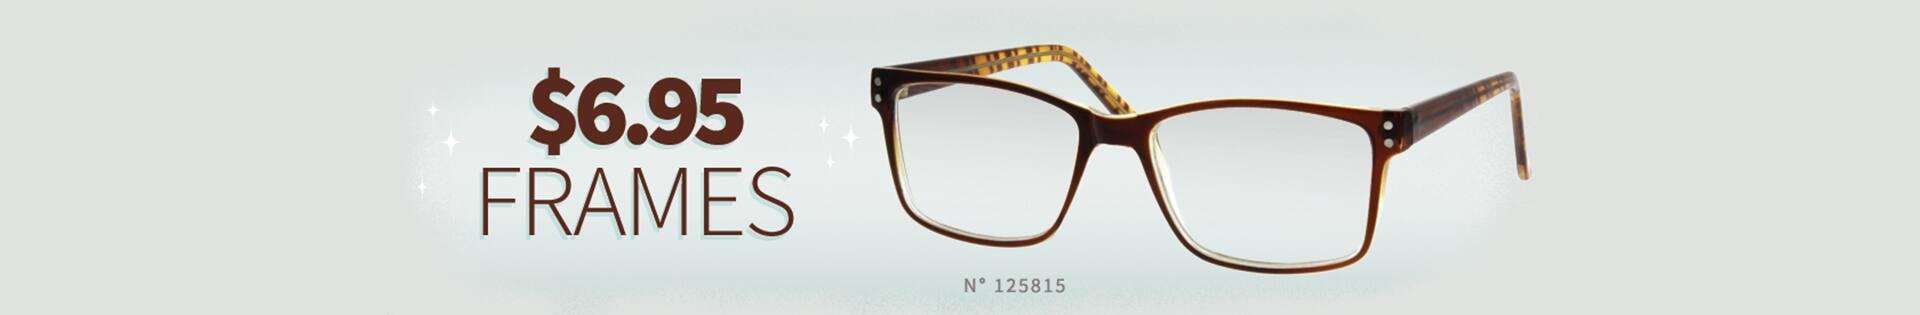 $6.95 Frames, frame #125815